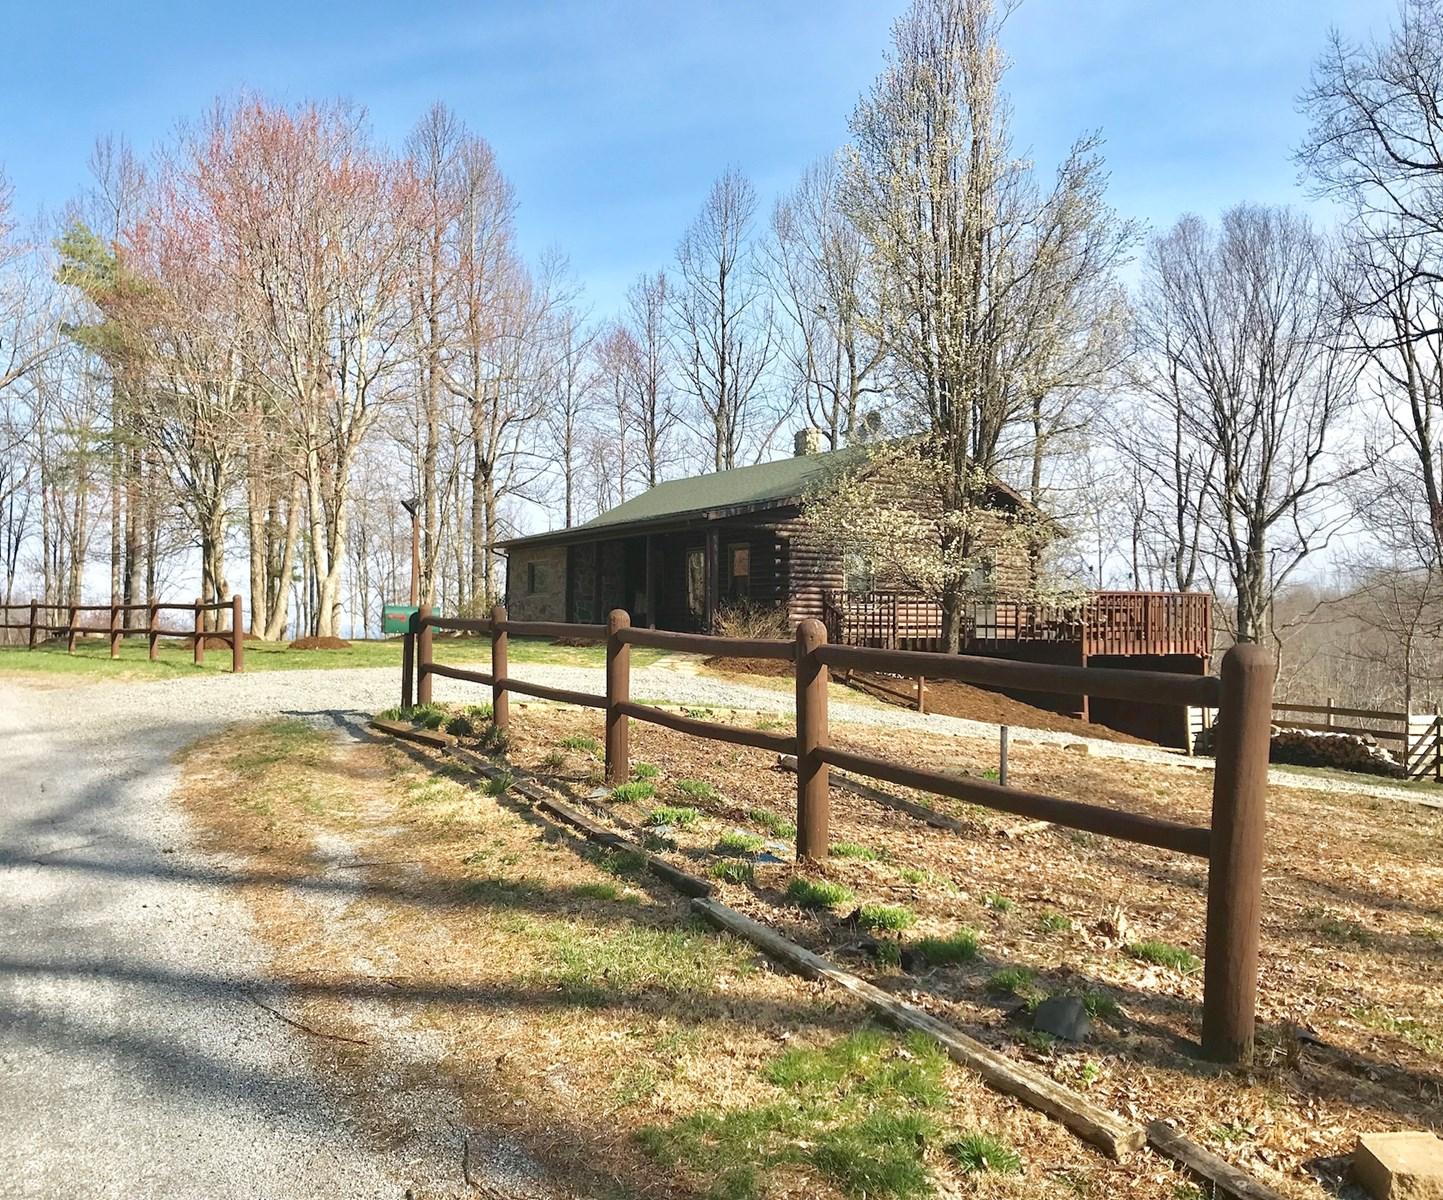 Log Cabin Home for Sale in Copper Hill VA!